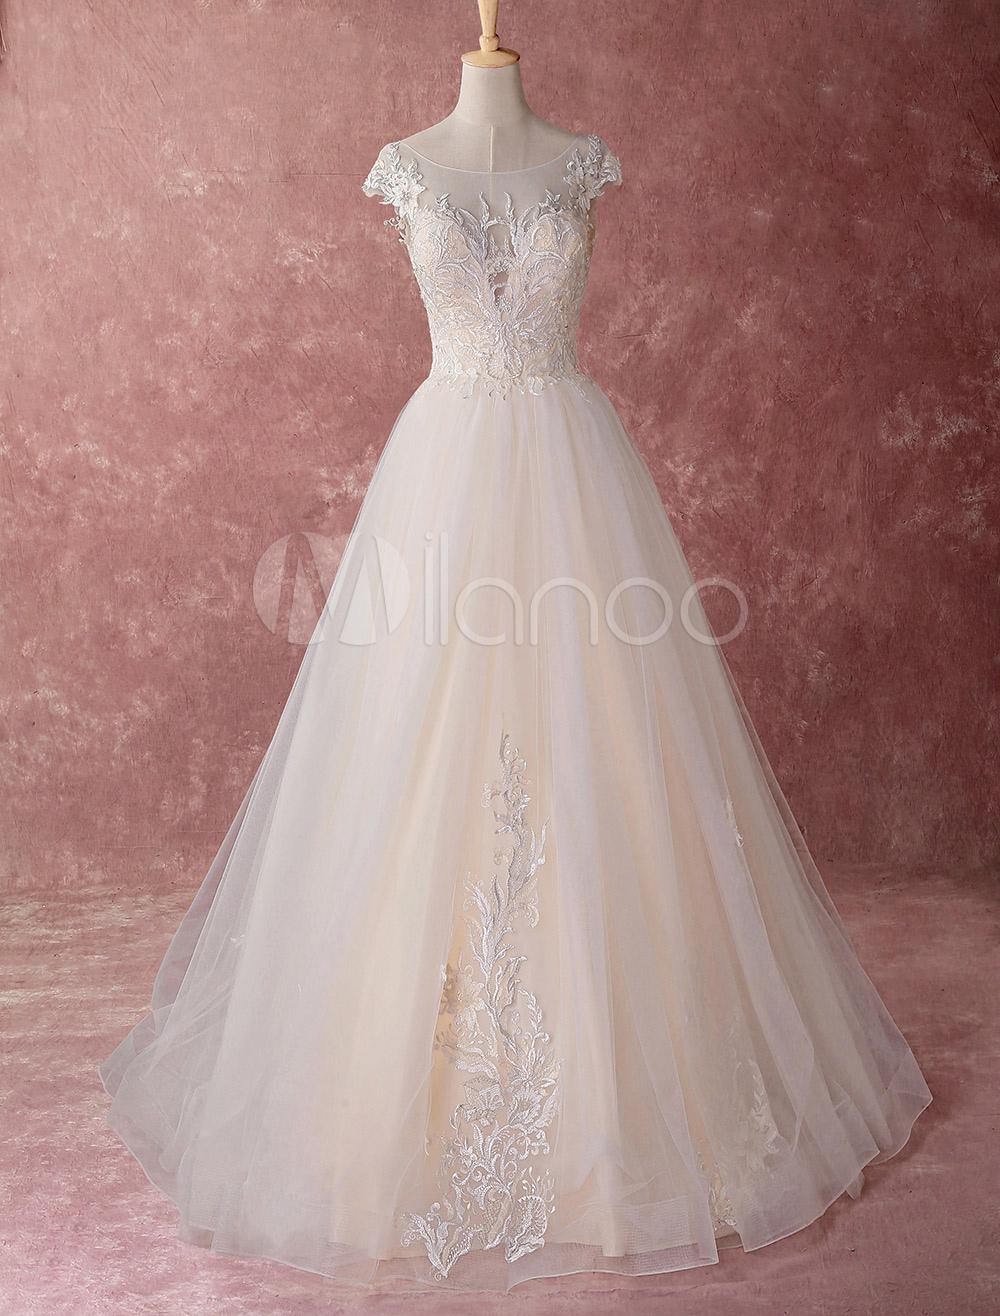 Farbige Brautkleider Champagne Princess Ballkleider Tüll Applique  Bodenlangen Luxus Brautkleid